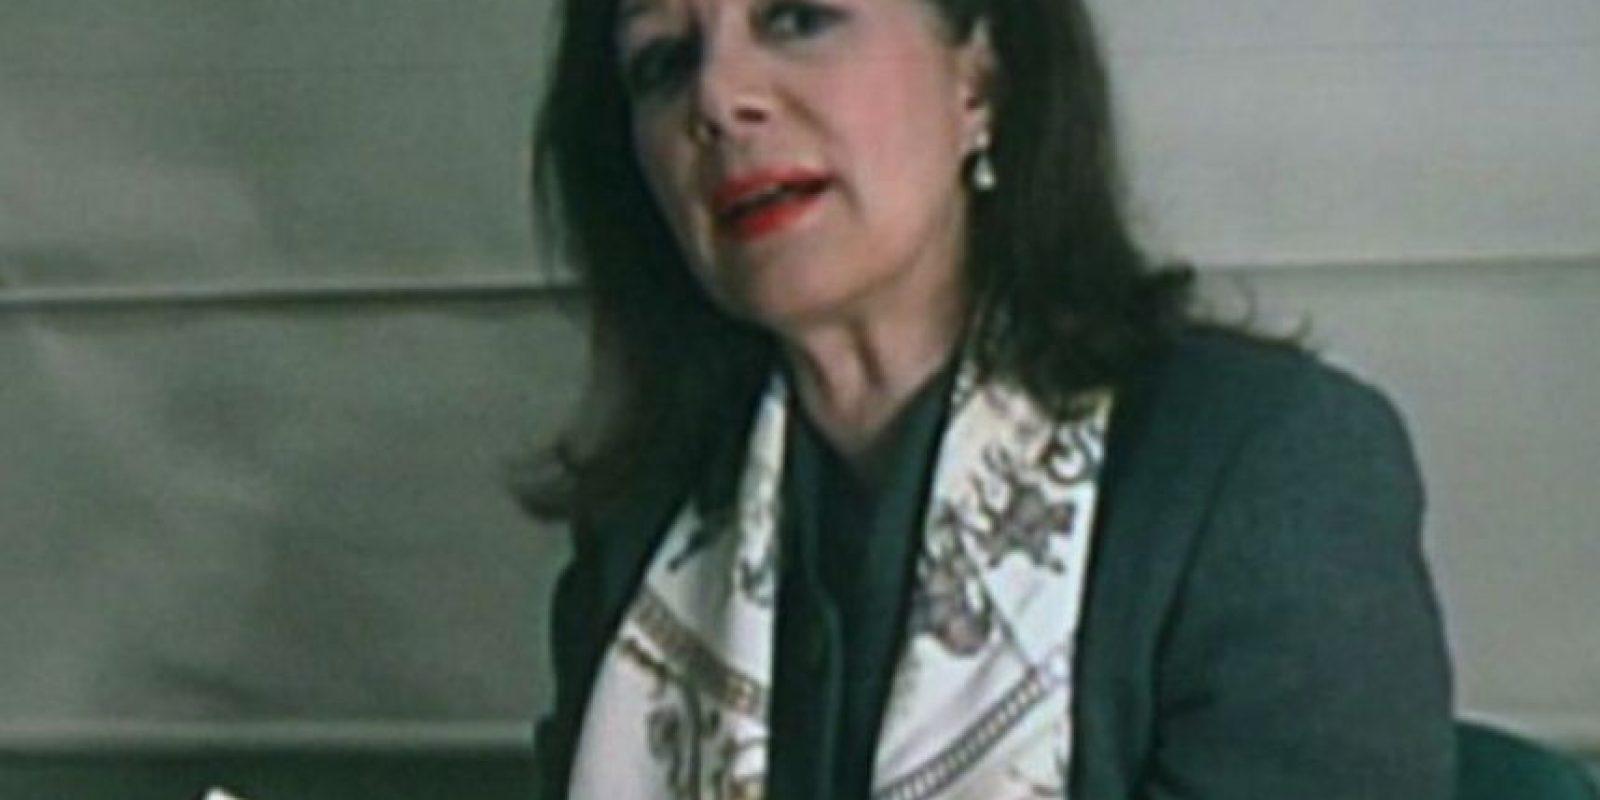 Virginia Vallejo: La presentadora y periodista sostuvo una relación tormentosa con el desaparecido narcotraficante Pablo Escobar. En su libro, Amando a Pablo odiando a Escobar, Virginia narra cómo fue su relación con el capo de capos. Foto:Tumbrl